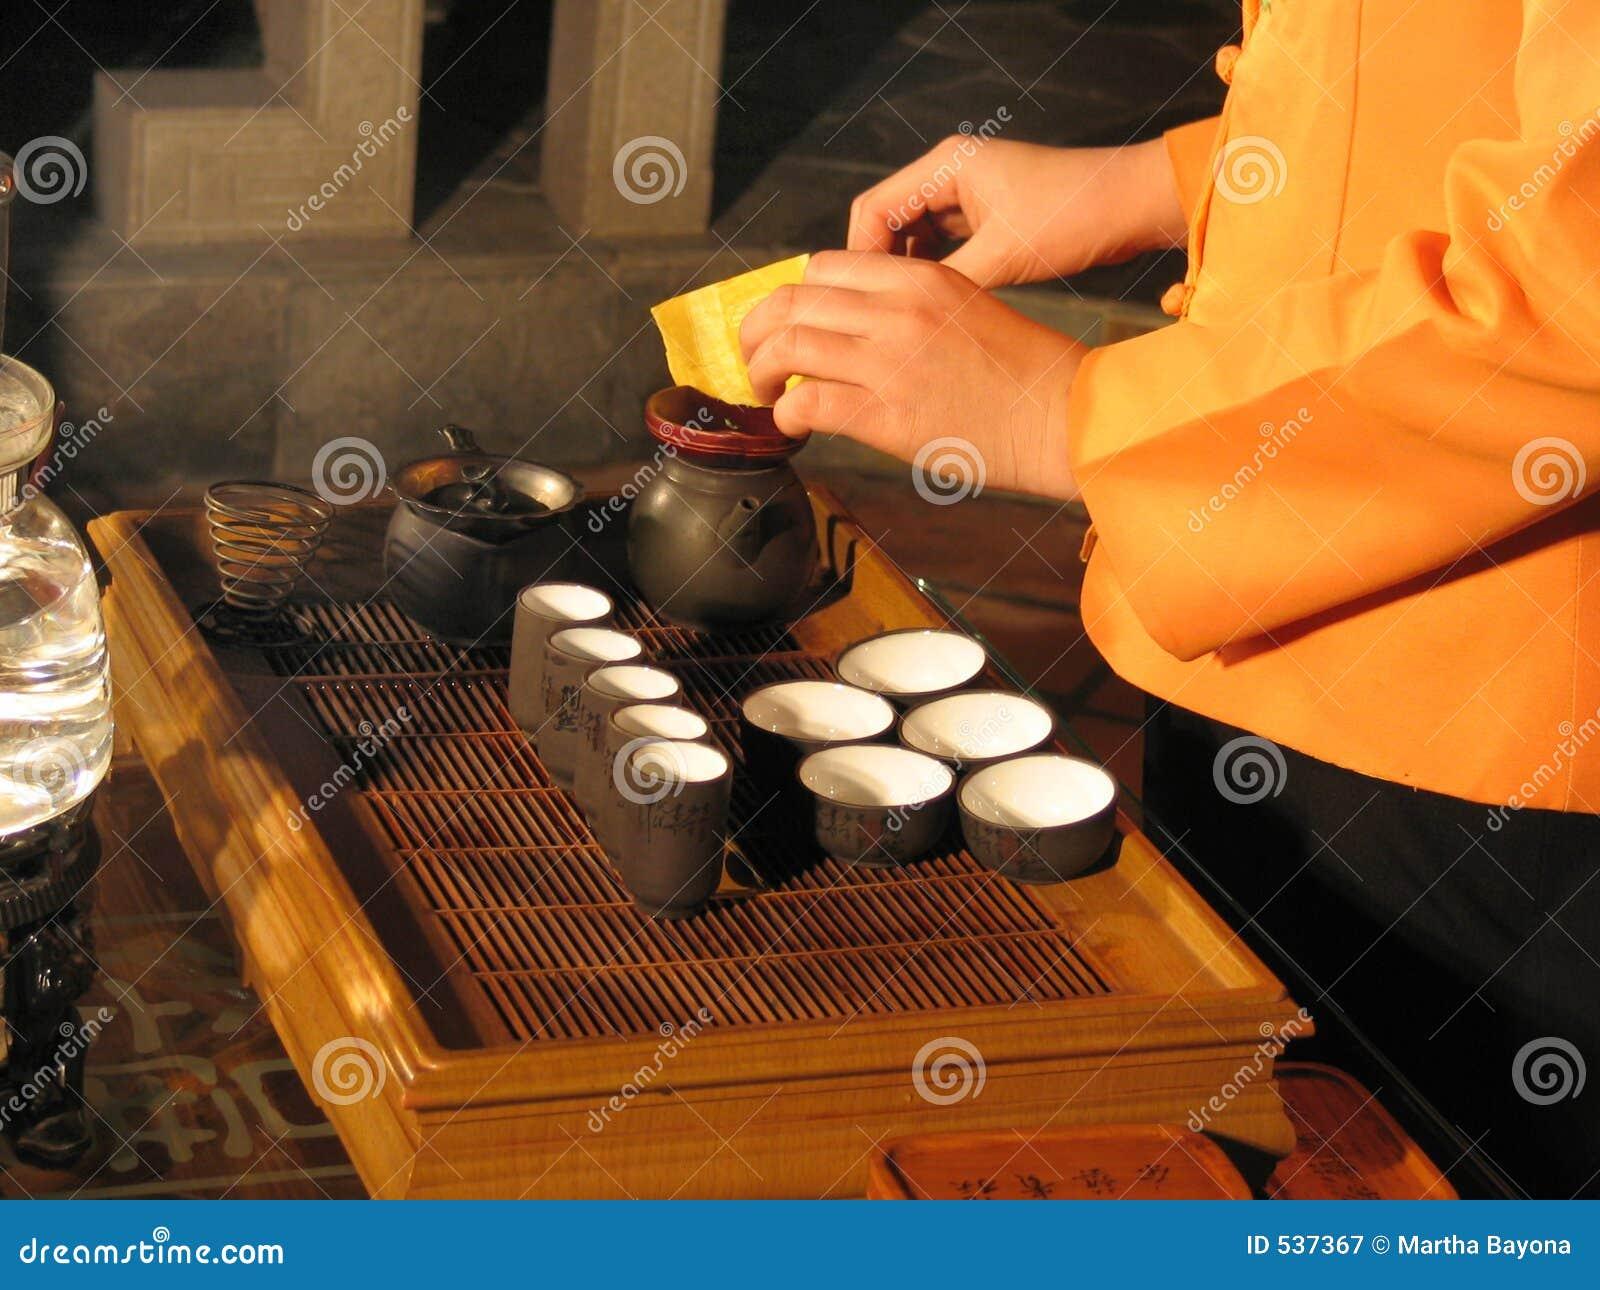 Download 中国茶 库存图片. 图片 包括有 注入, 阿诺德, 烹调, 汉语, 聚会所, brunching, 草本, 杯子 - 537367